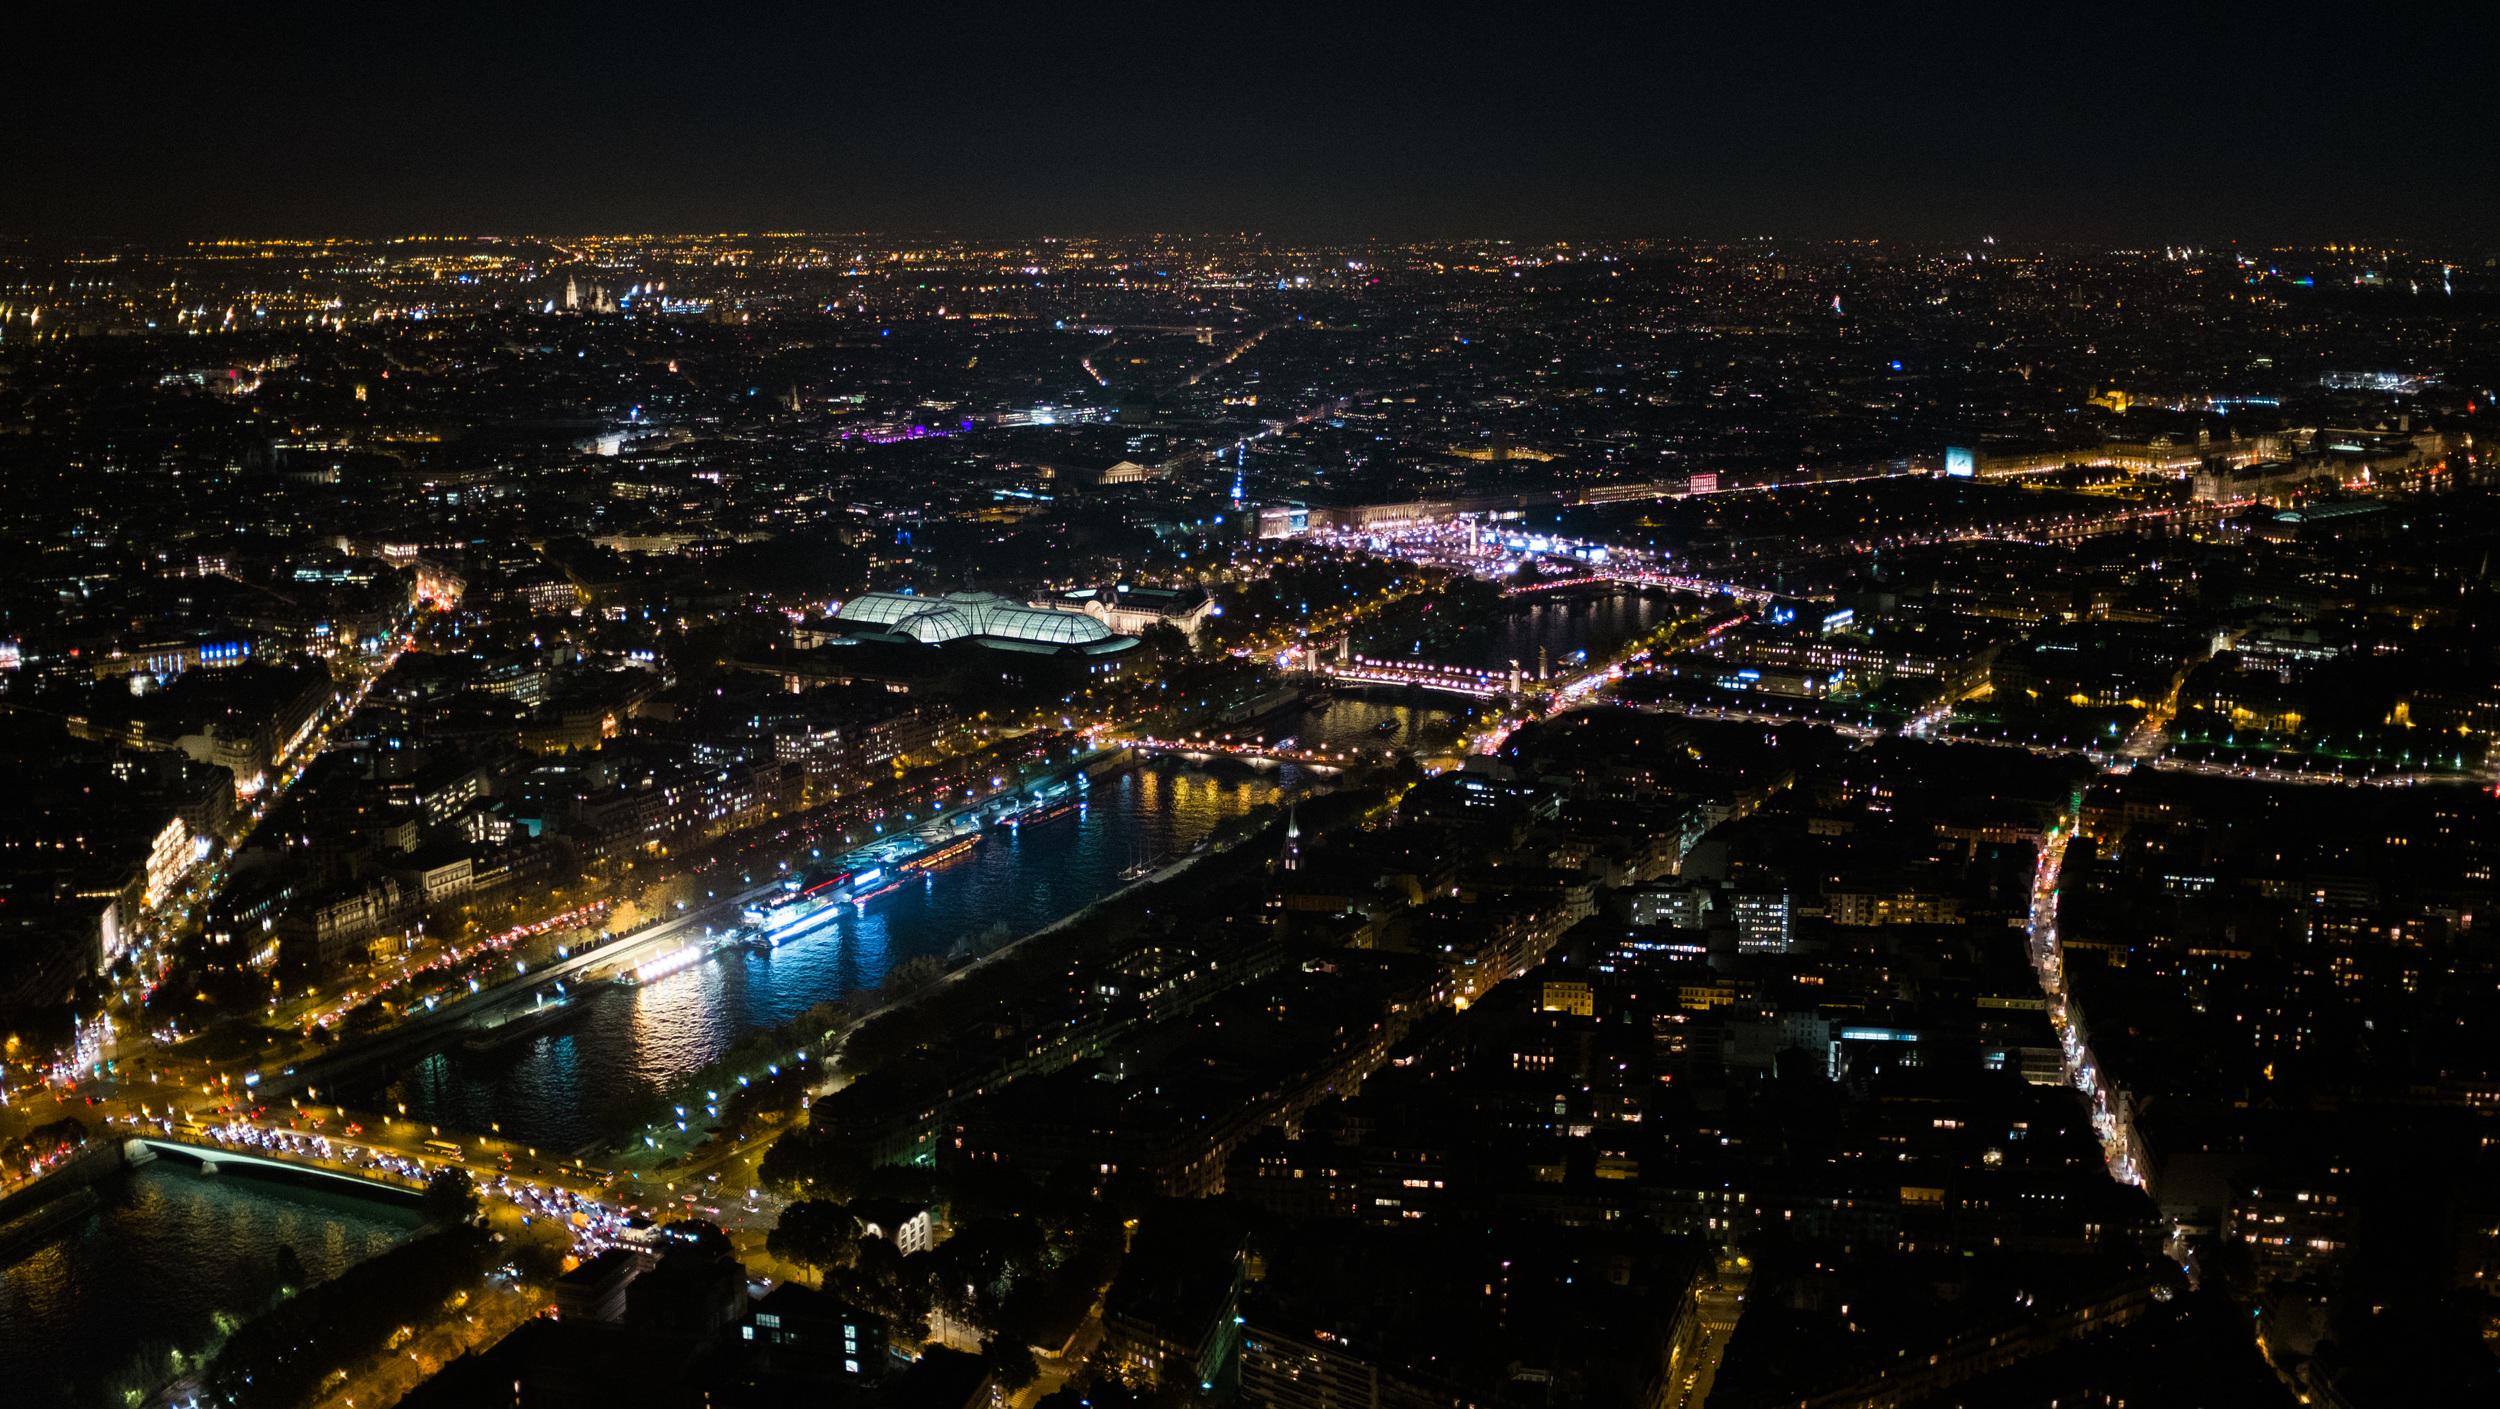 london-britian-cambridge-stmalo-mont-saint-michel-france-normandy-paris-087.jpg